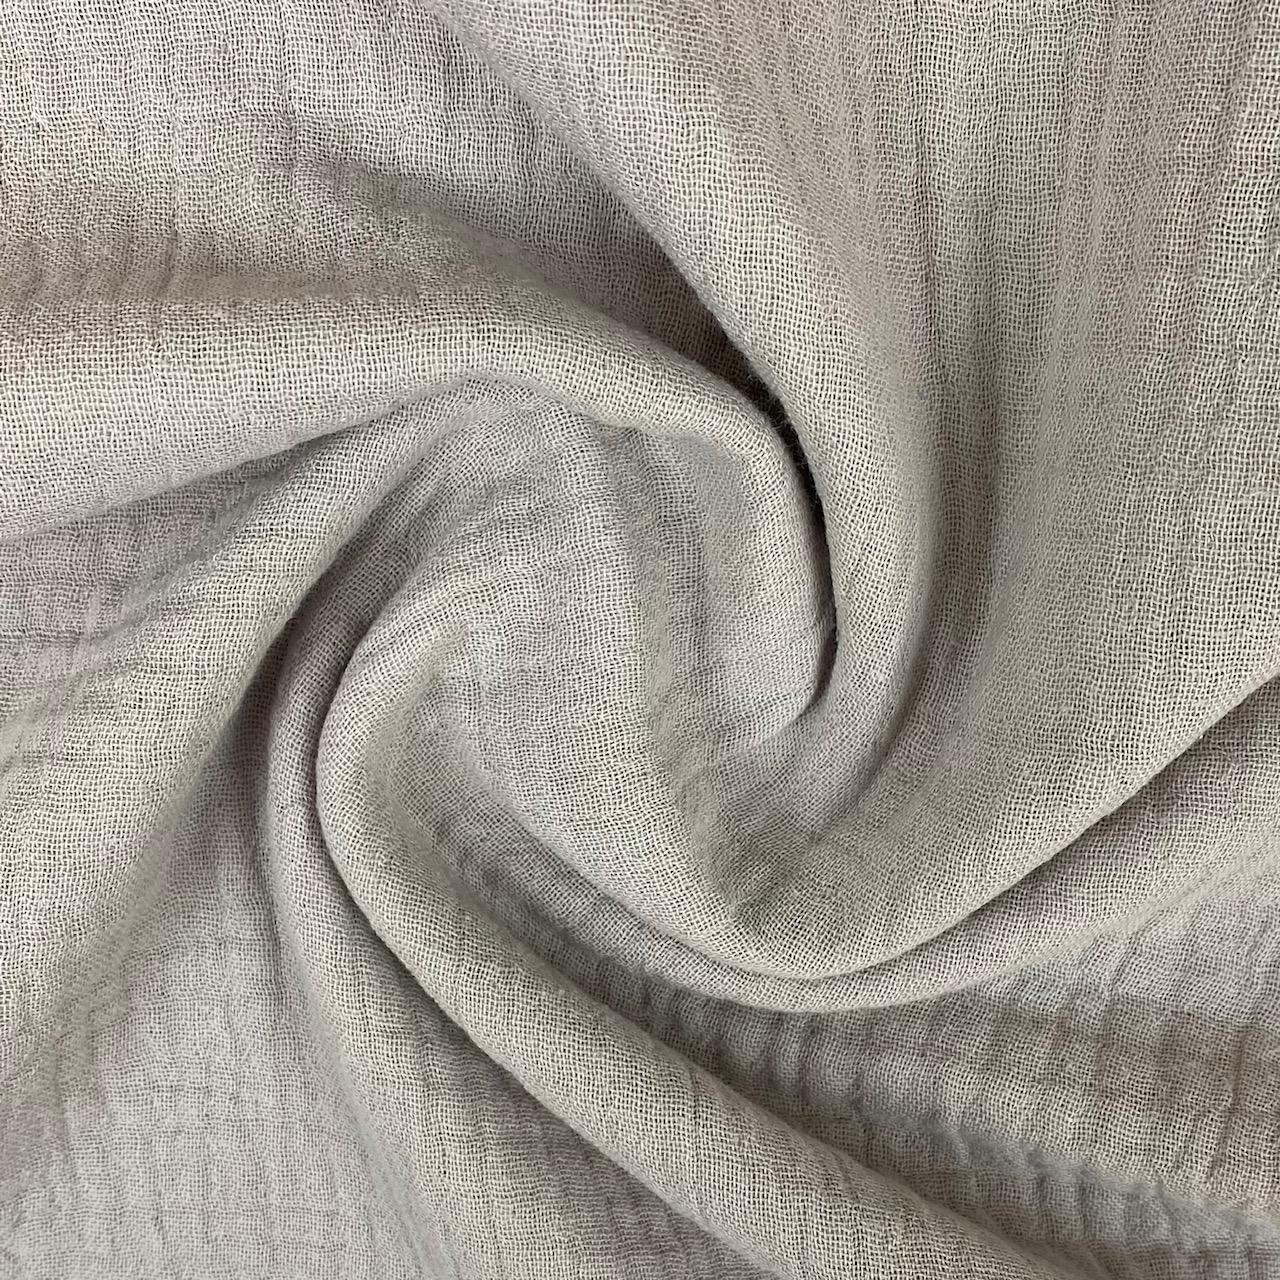 Baumwoll Musselin Double Gauze, sand. Art. 8290-052